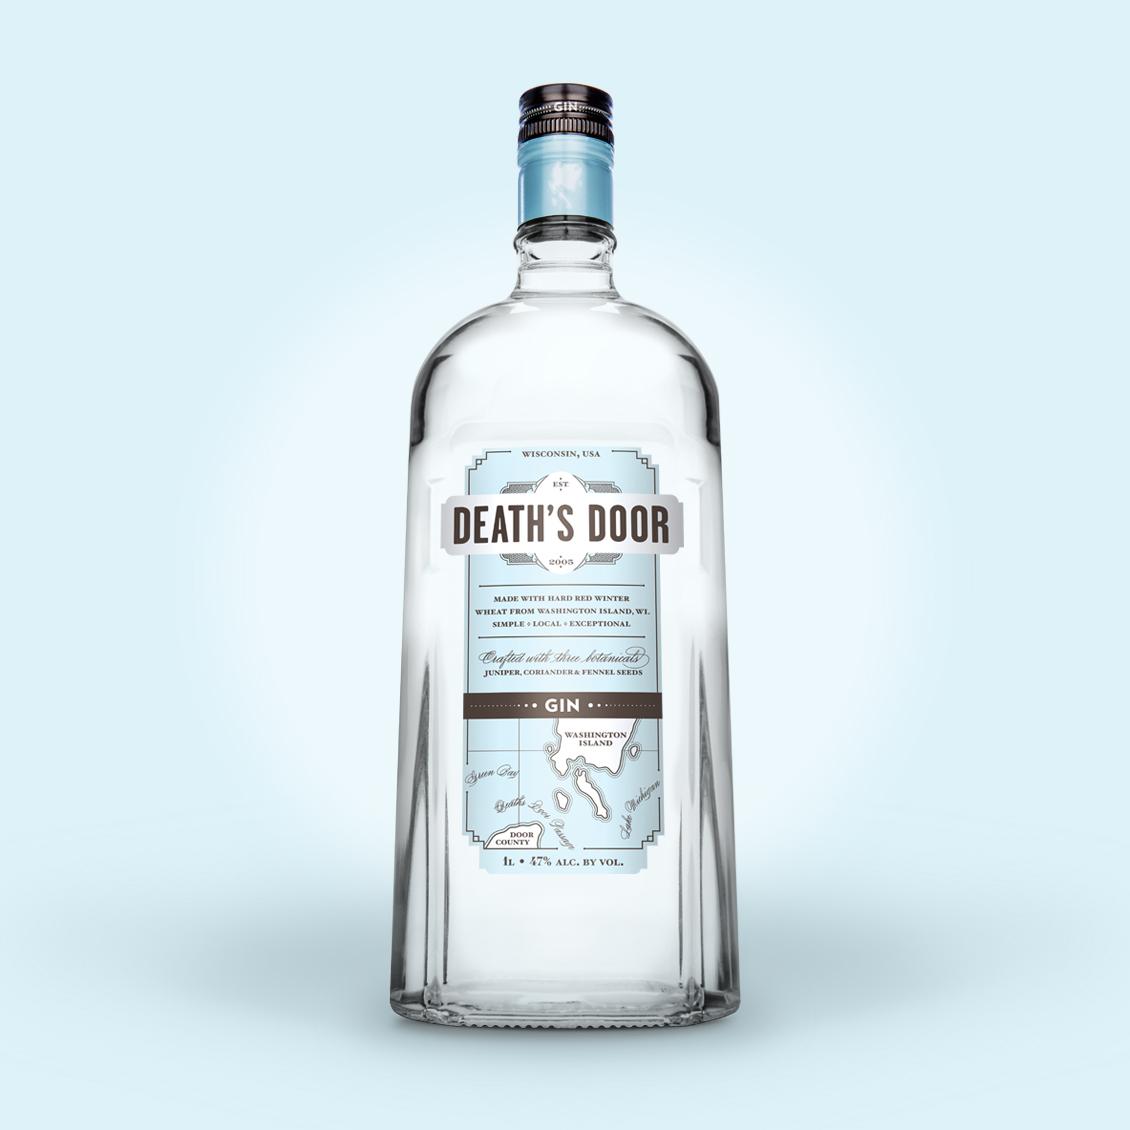 DEATH'S DOOR | Bottle Launch